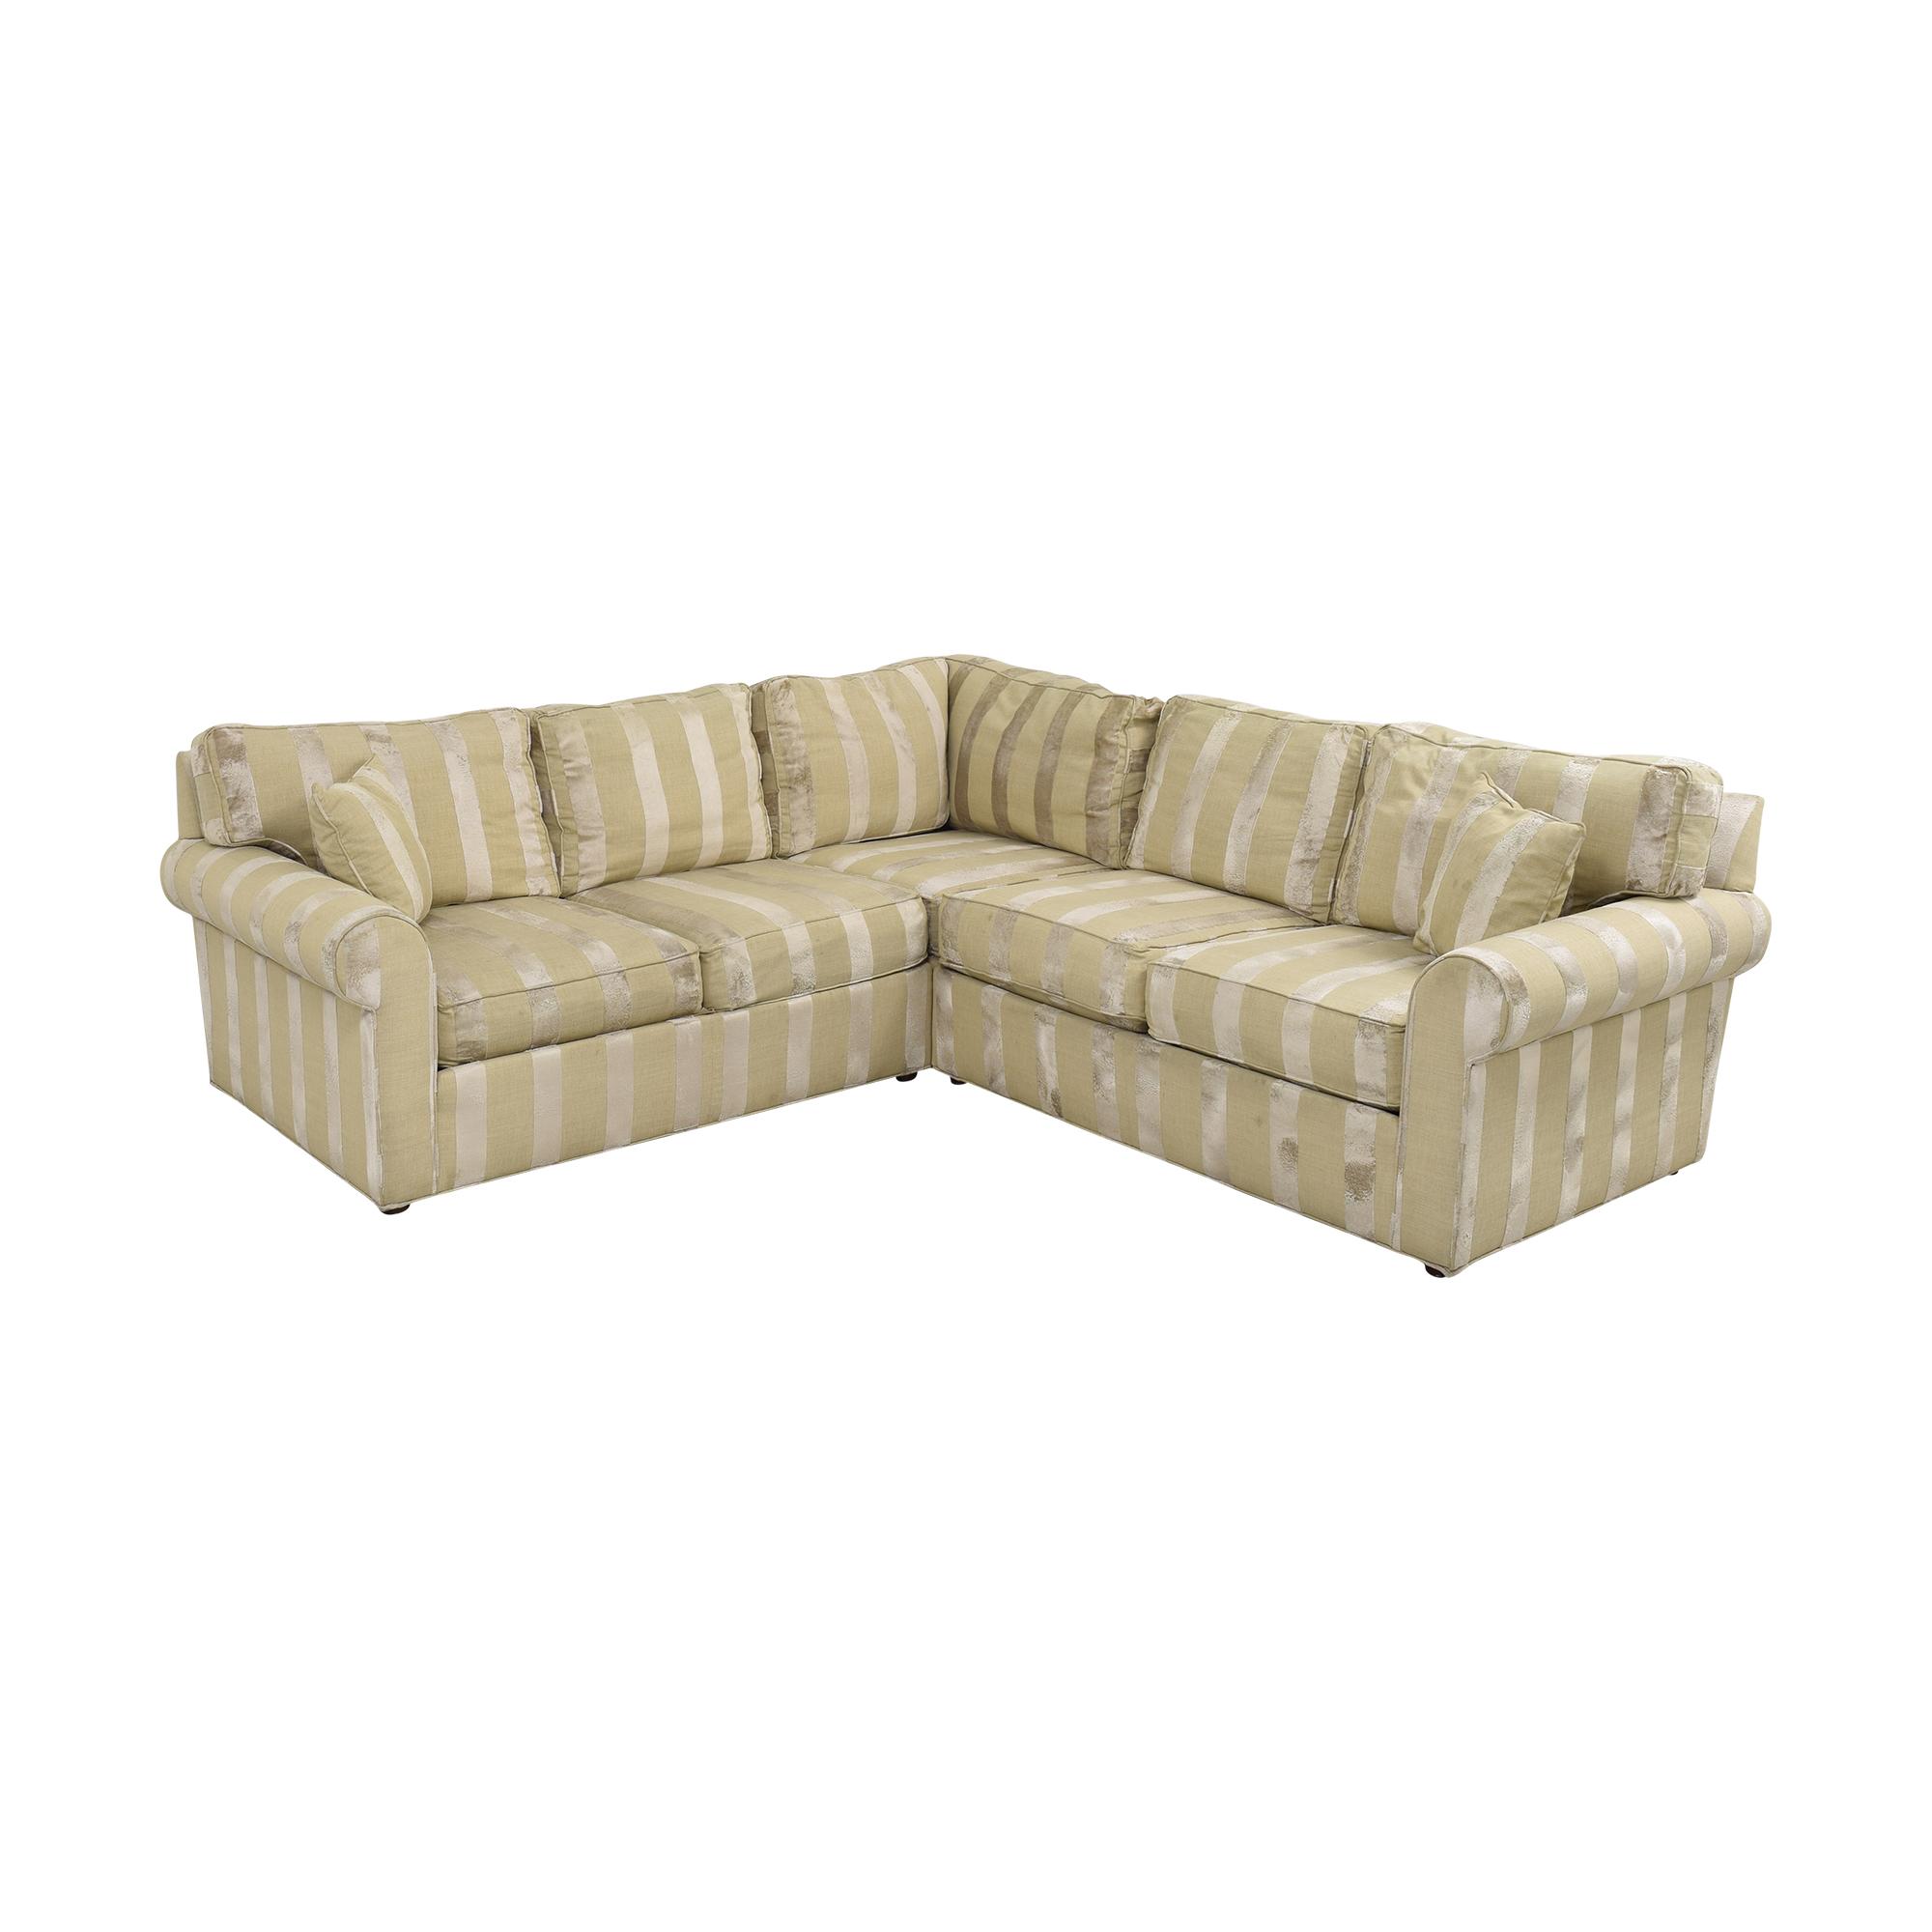 shop Ethan Allen Bennet Sectional Sofa Ethan Allen Sectionals